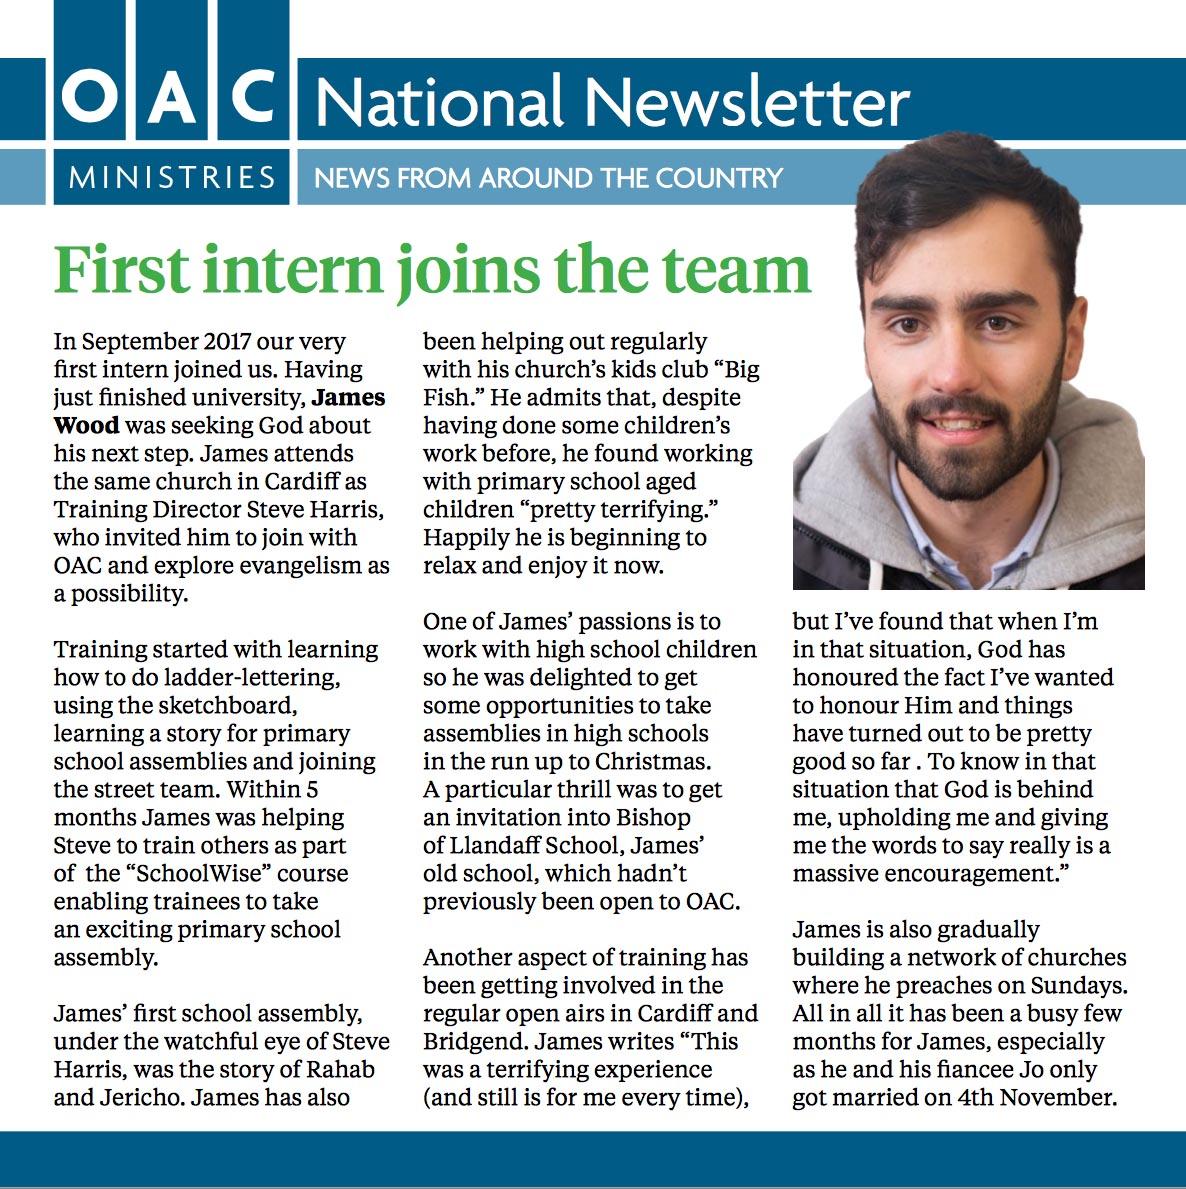 National Newsletter